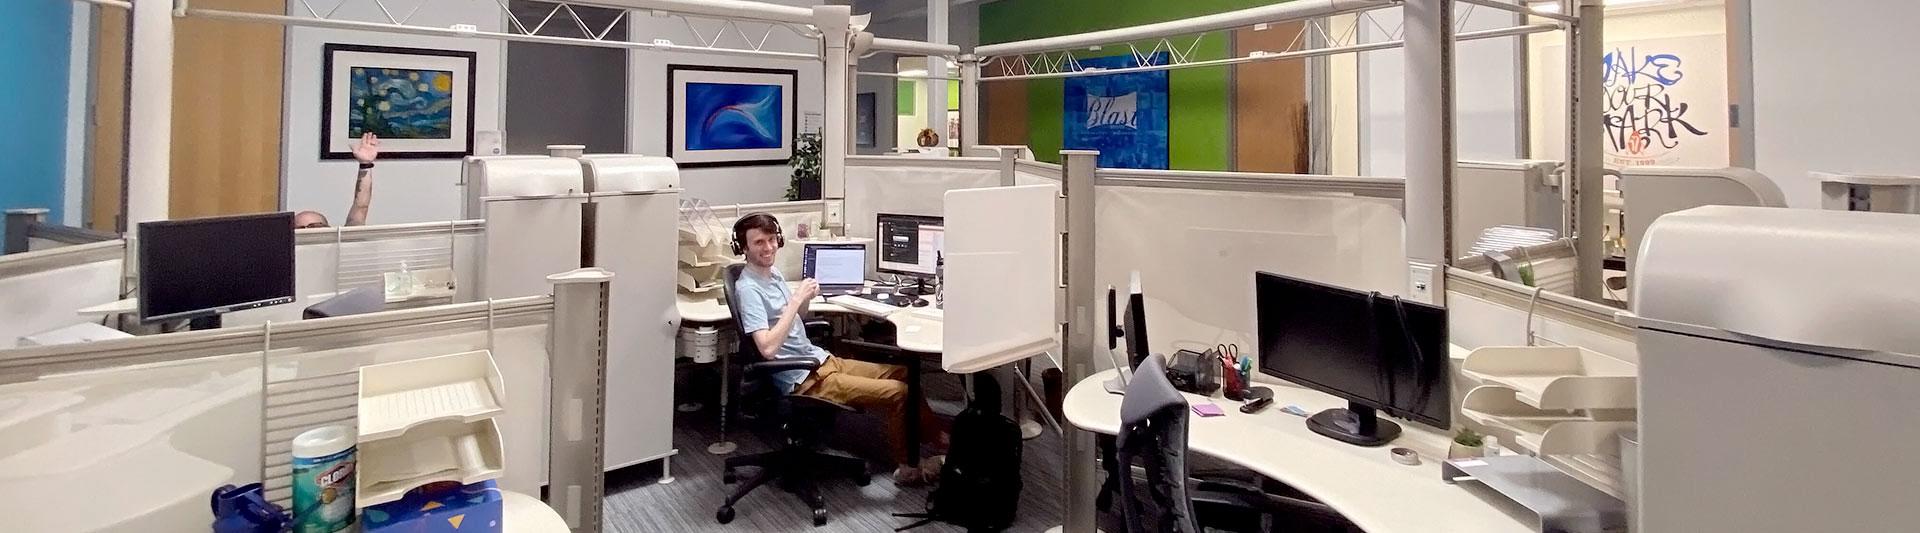 blast roseville office hub